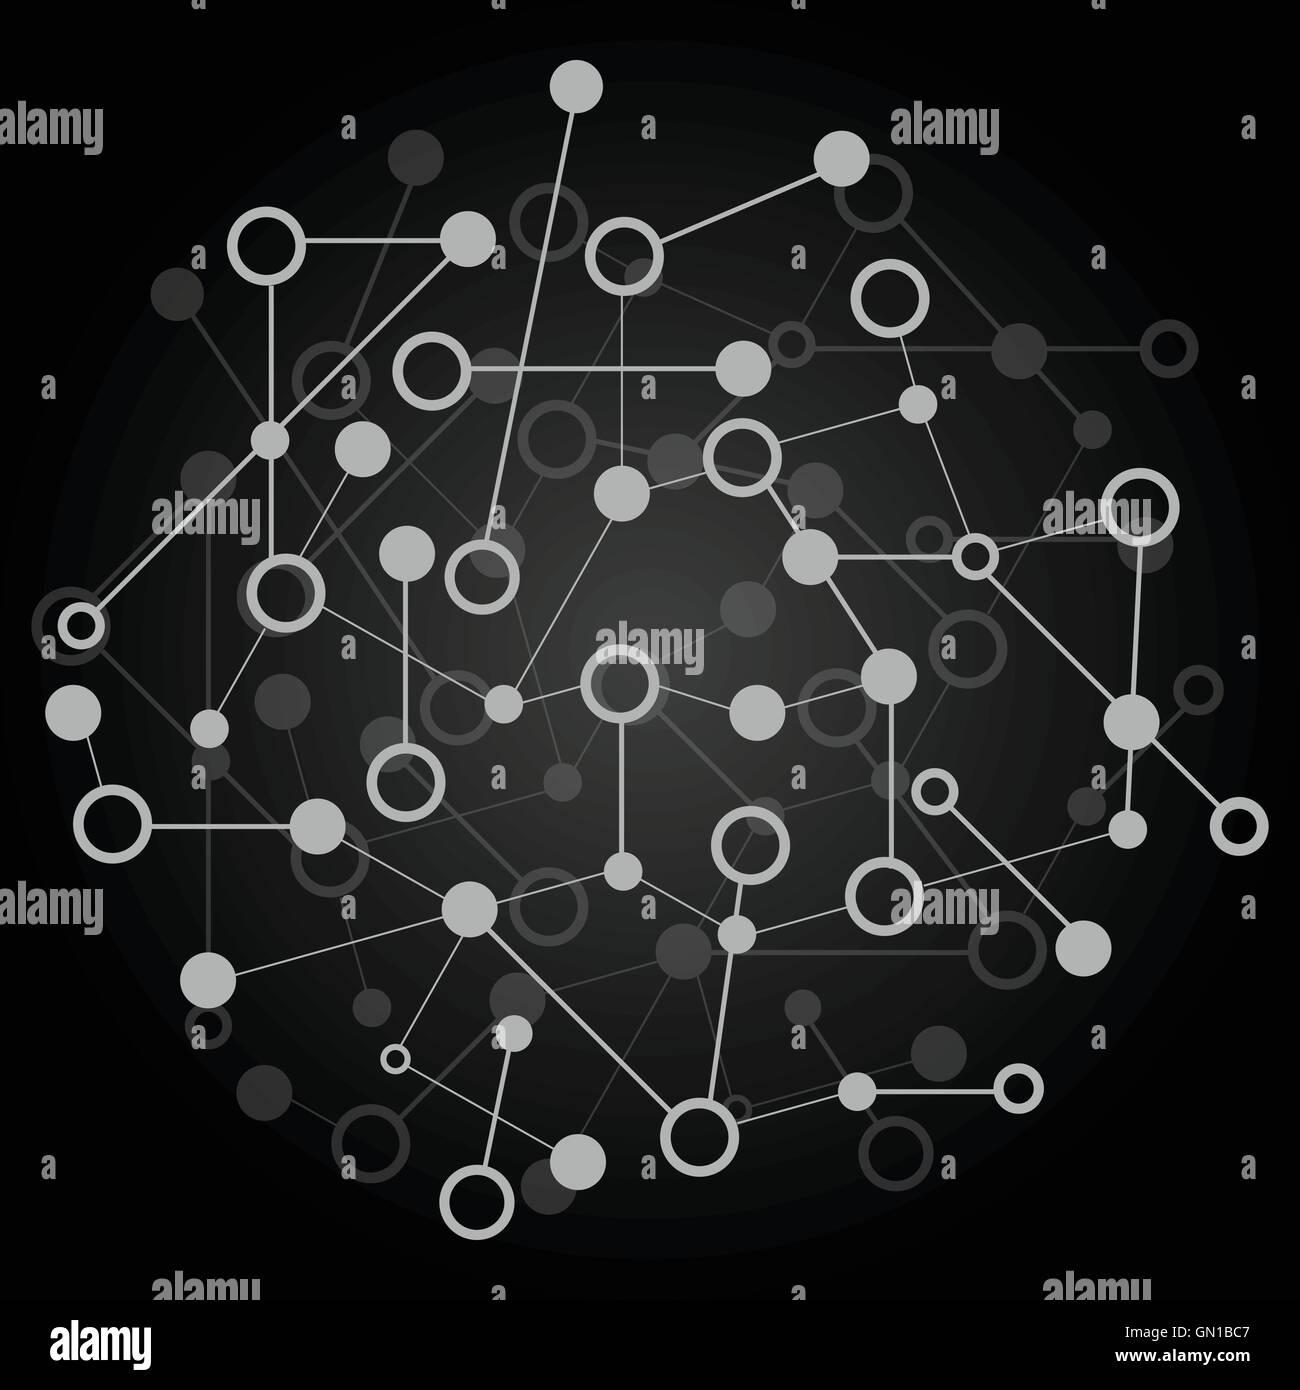 Zusammenfassung Hintergrund Mit Dna Strang Atom